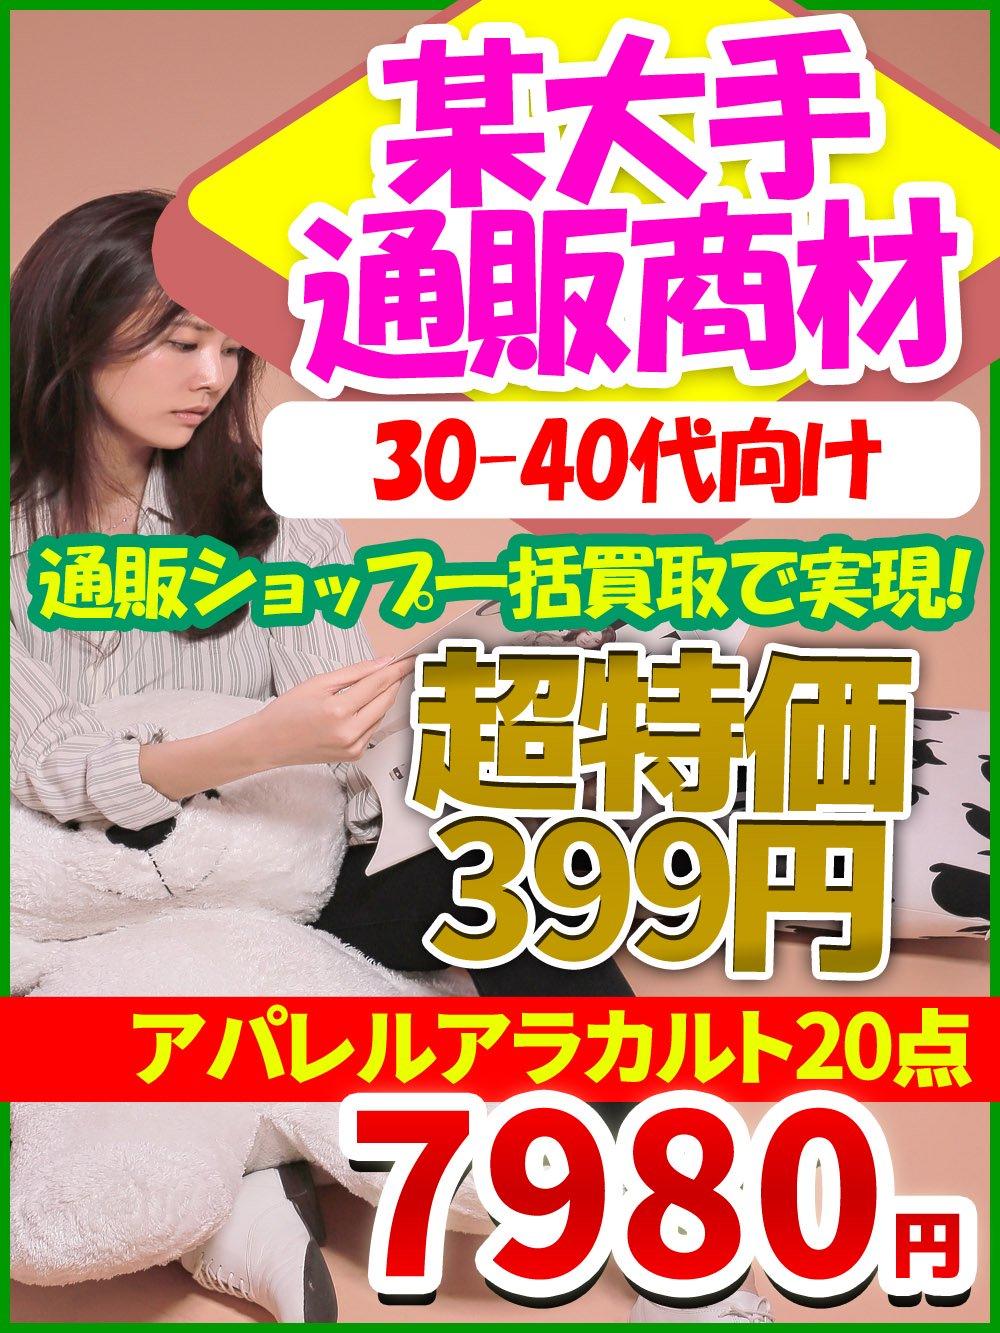 【某大手通販商材】30-40代向け!通販ショップ一括買取で実現した超特価アラカルト!20点@399